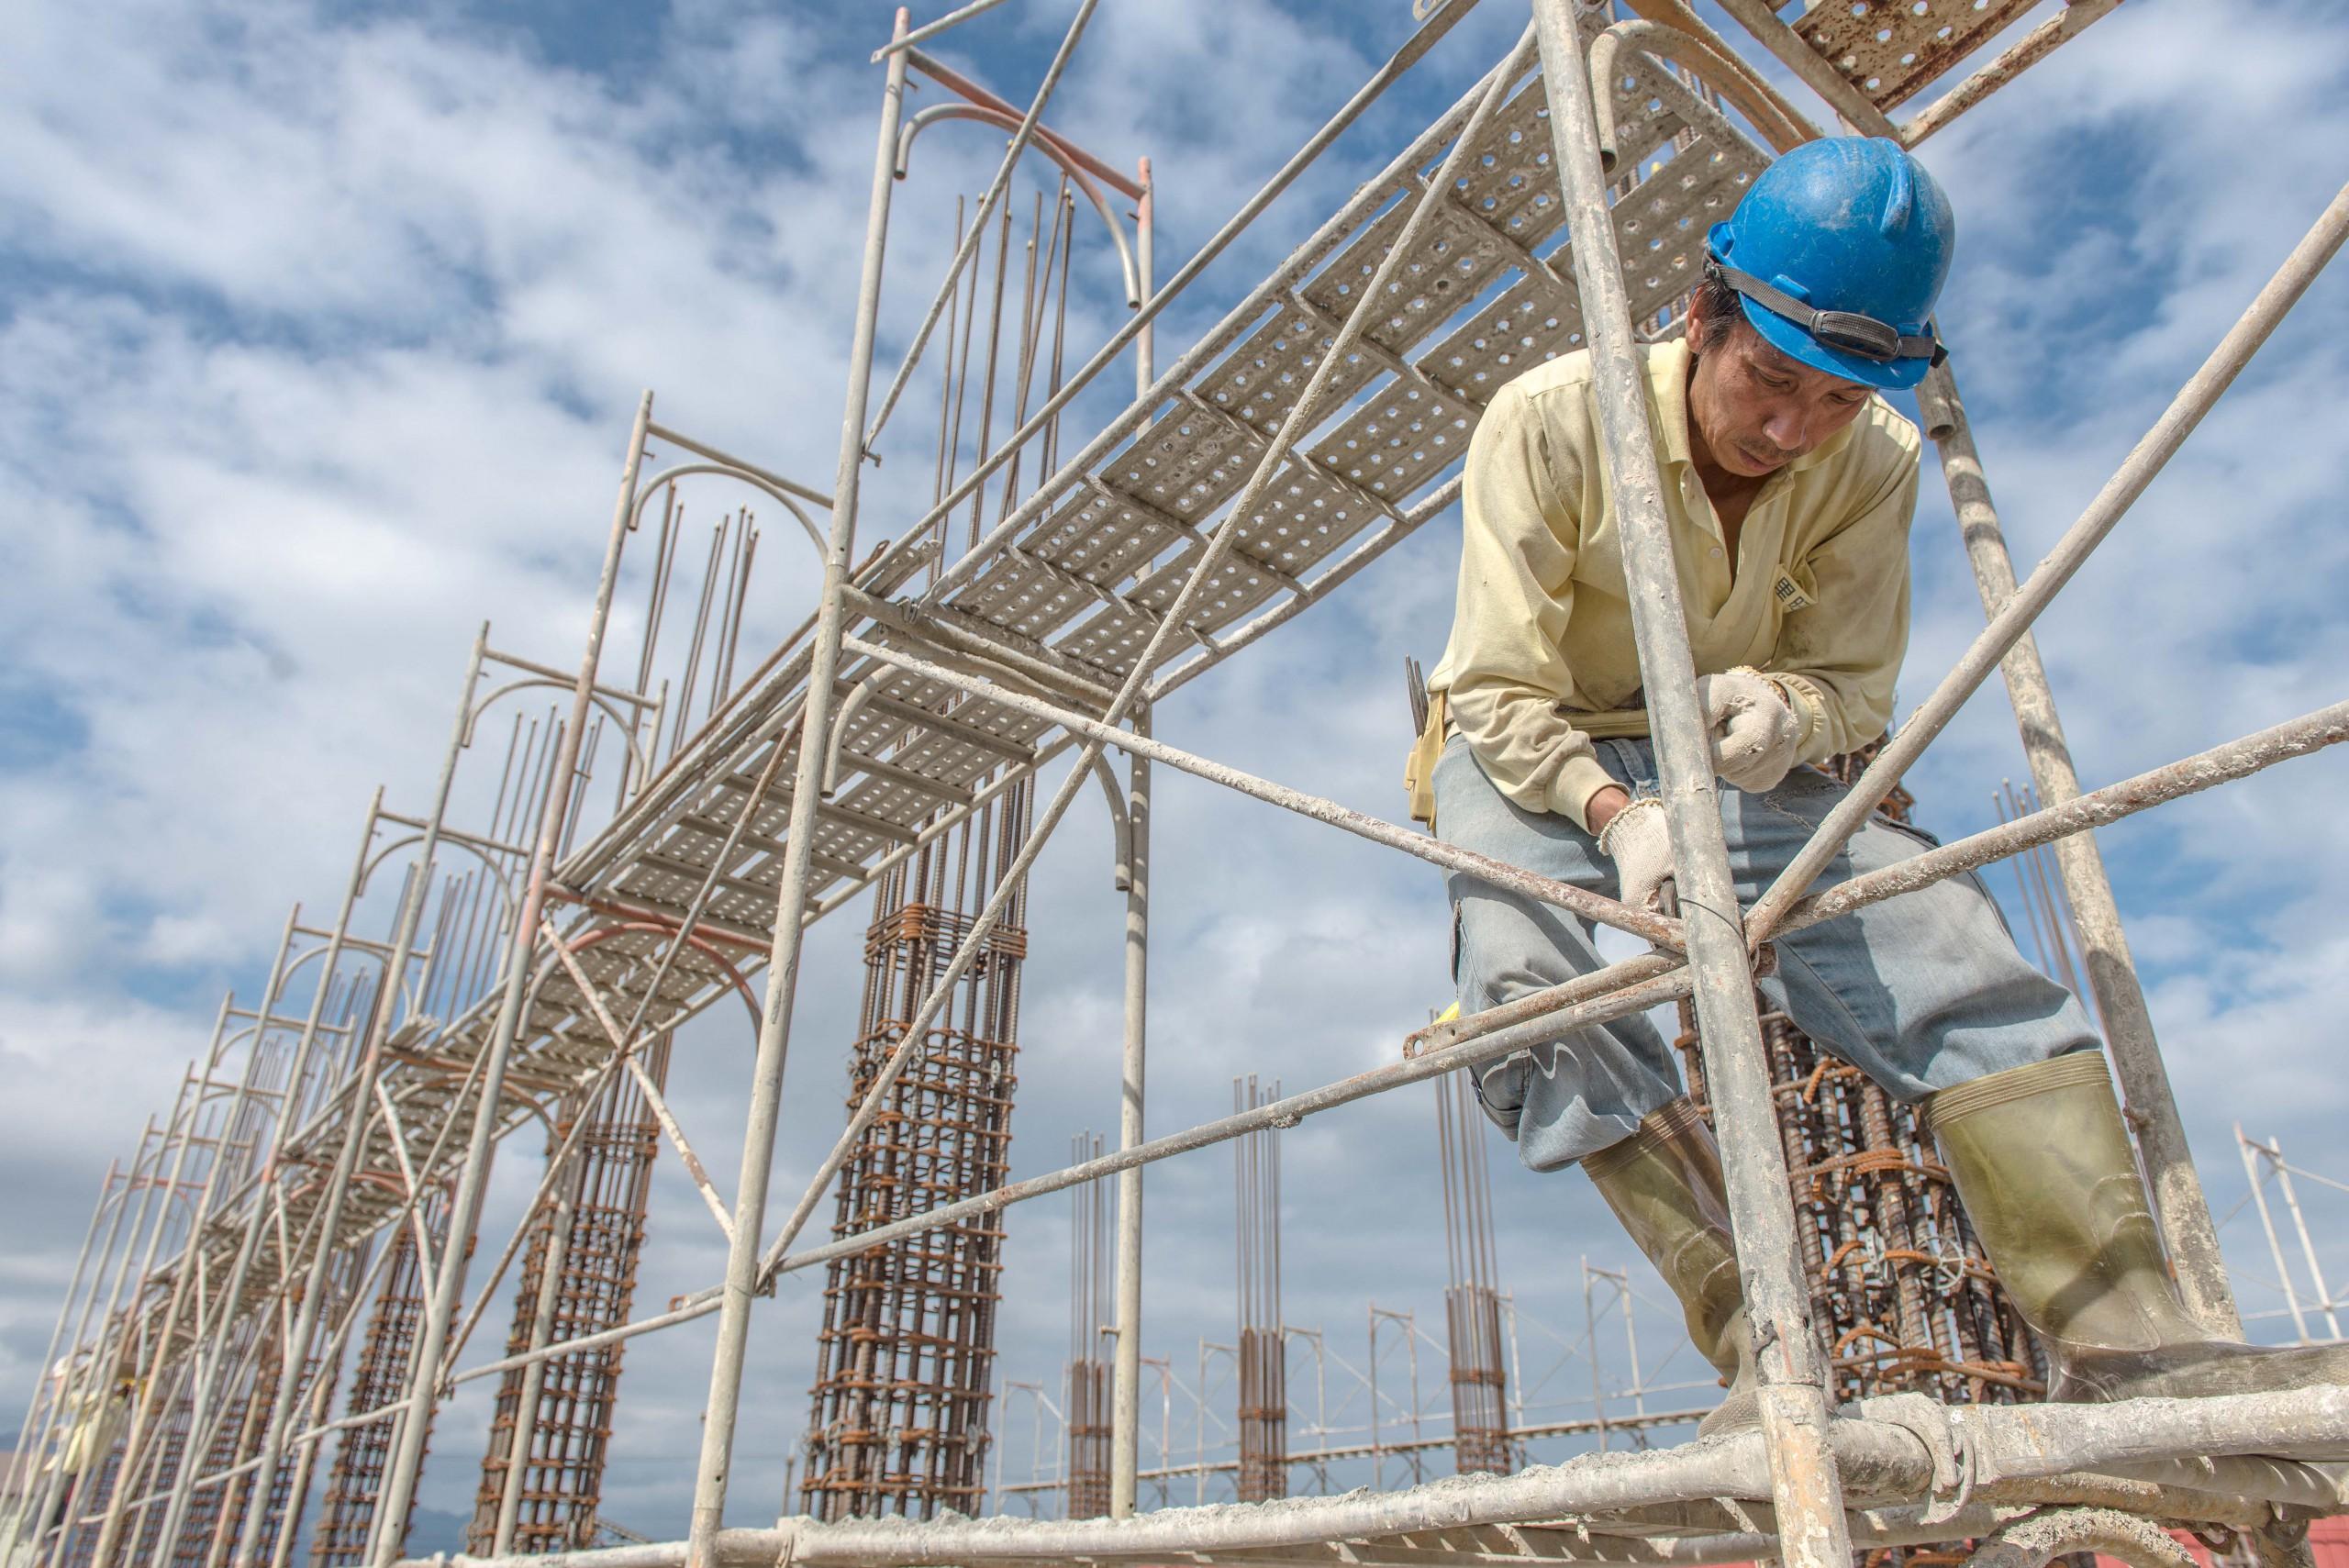 德築-DEZU-project-Zutian-architecture-real-estate-engineering-scaffolding-28